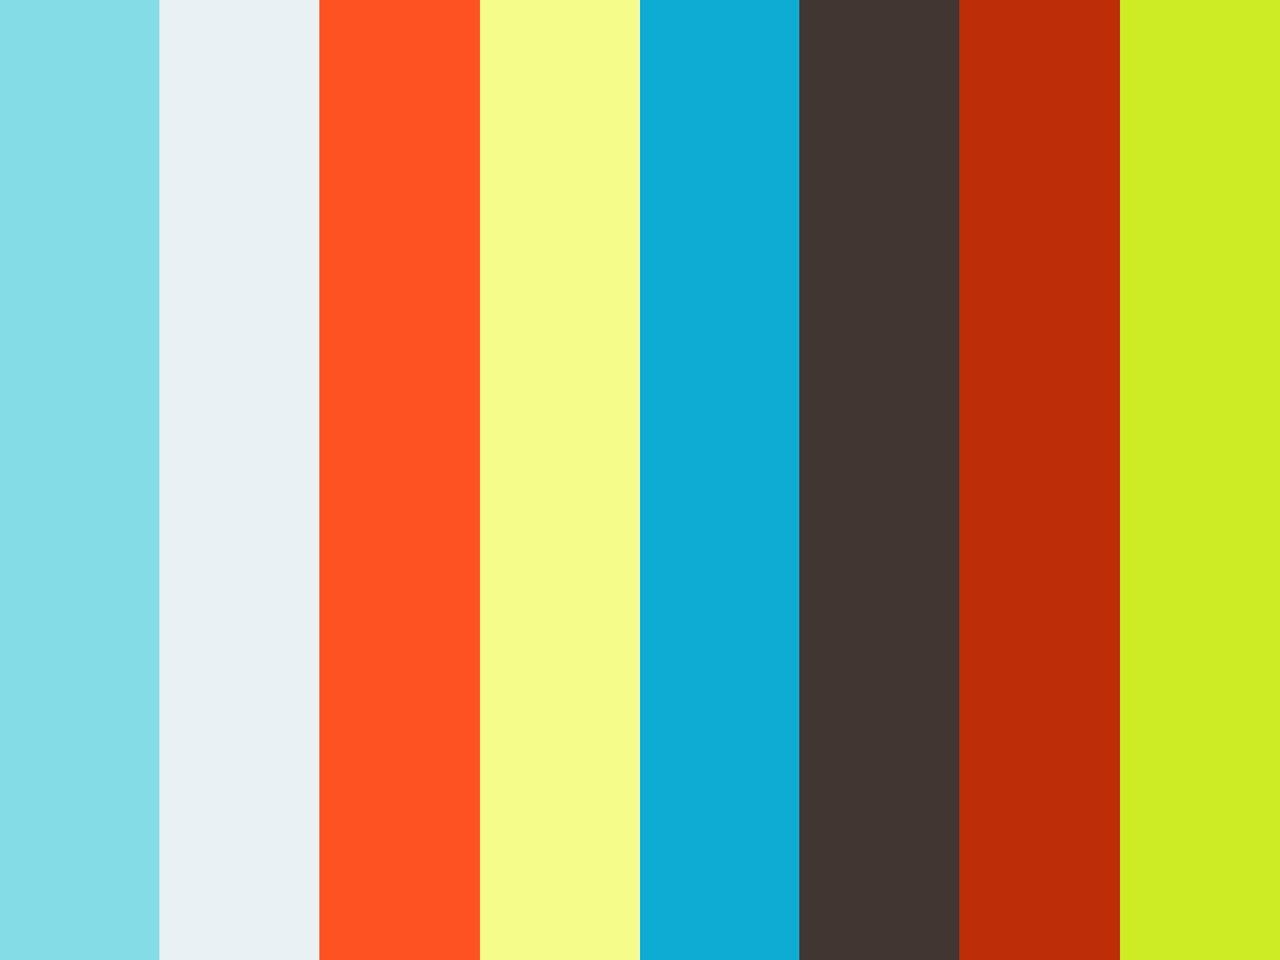 002902 - TV Provincie - Week van de korte keten